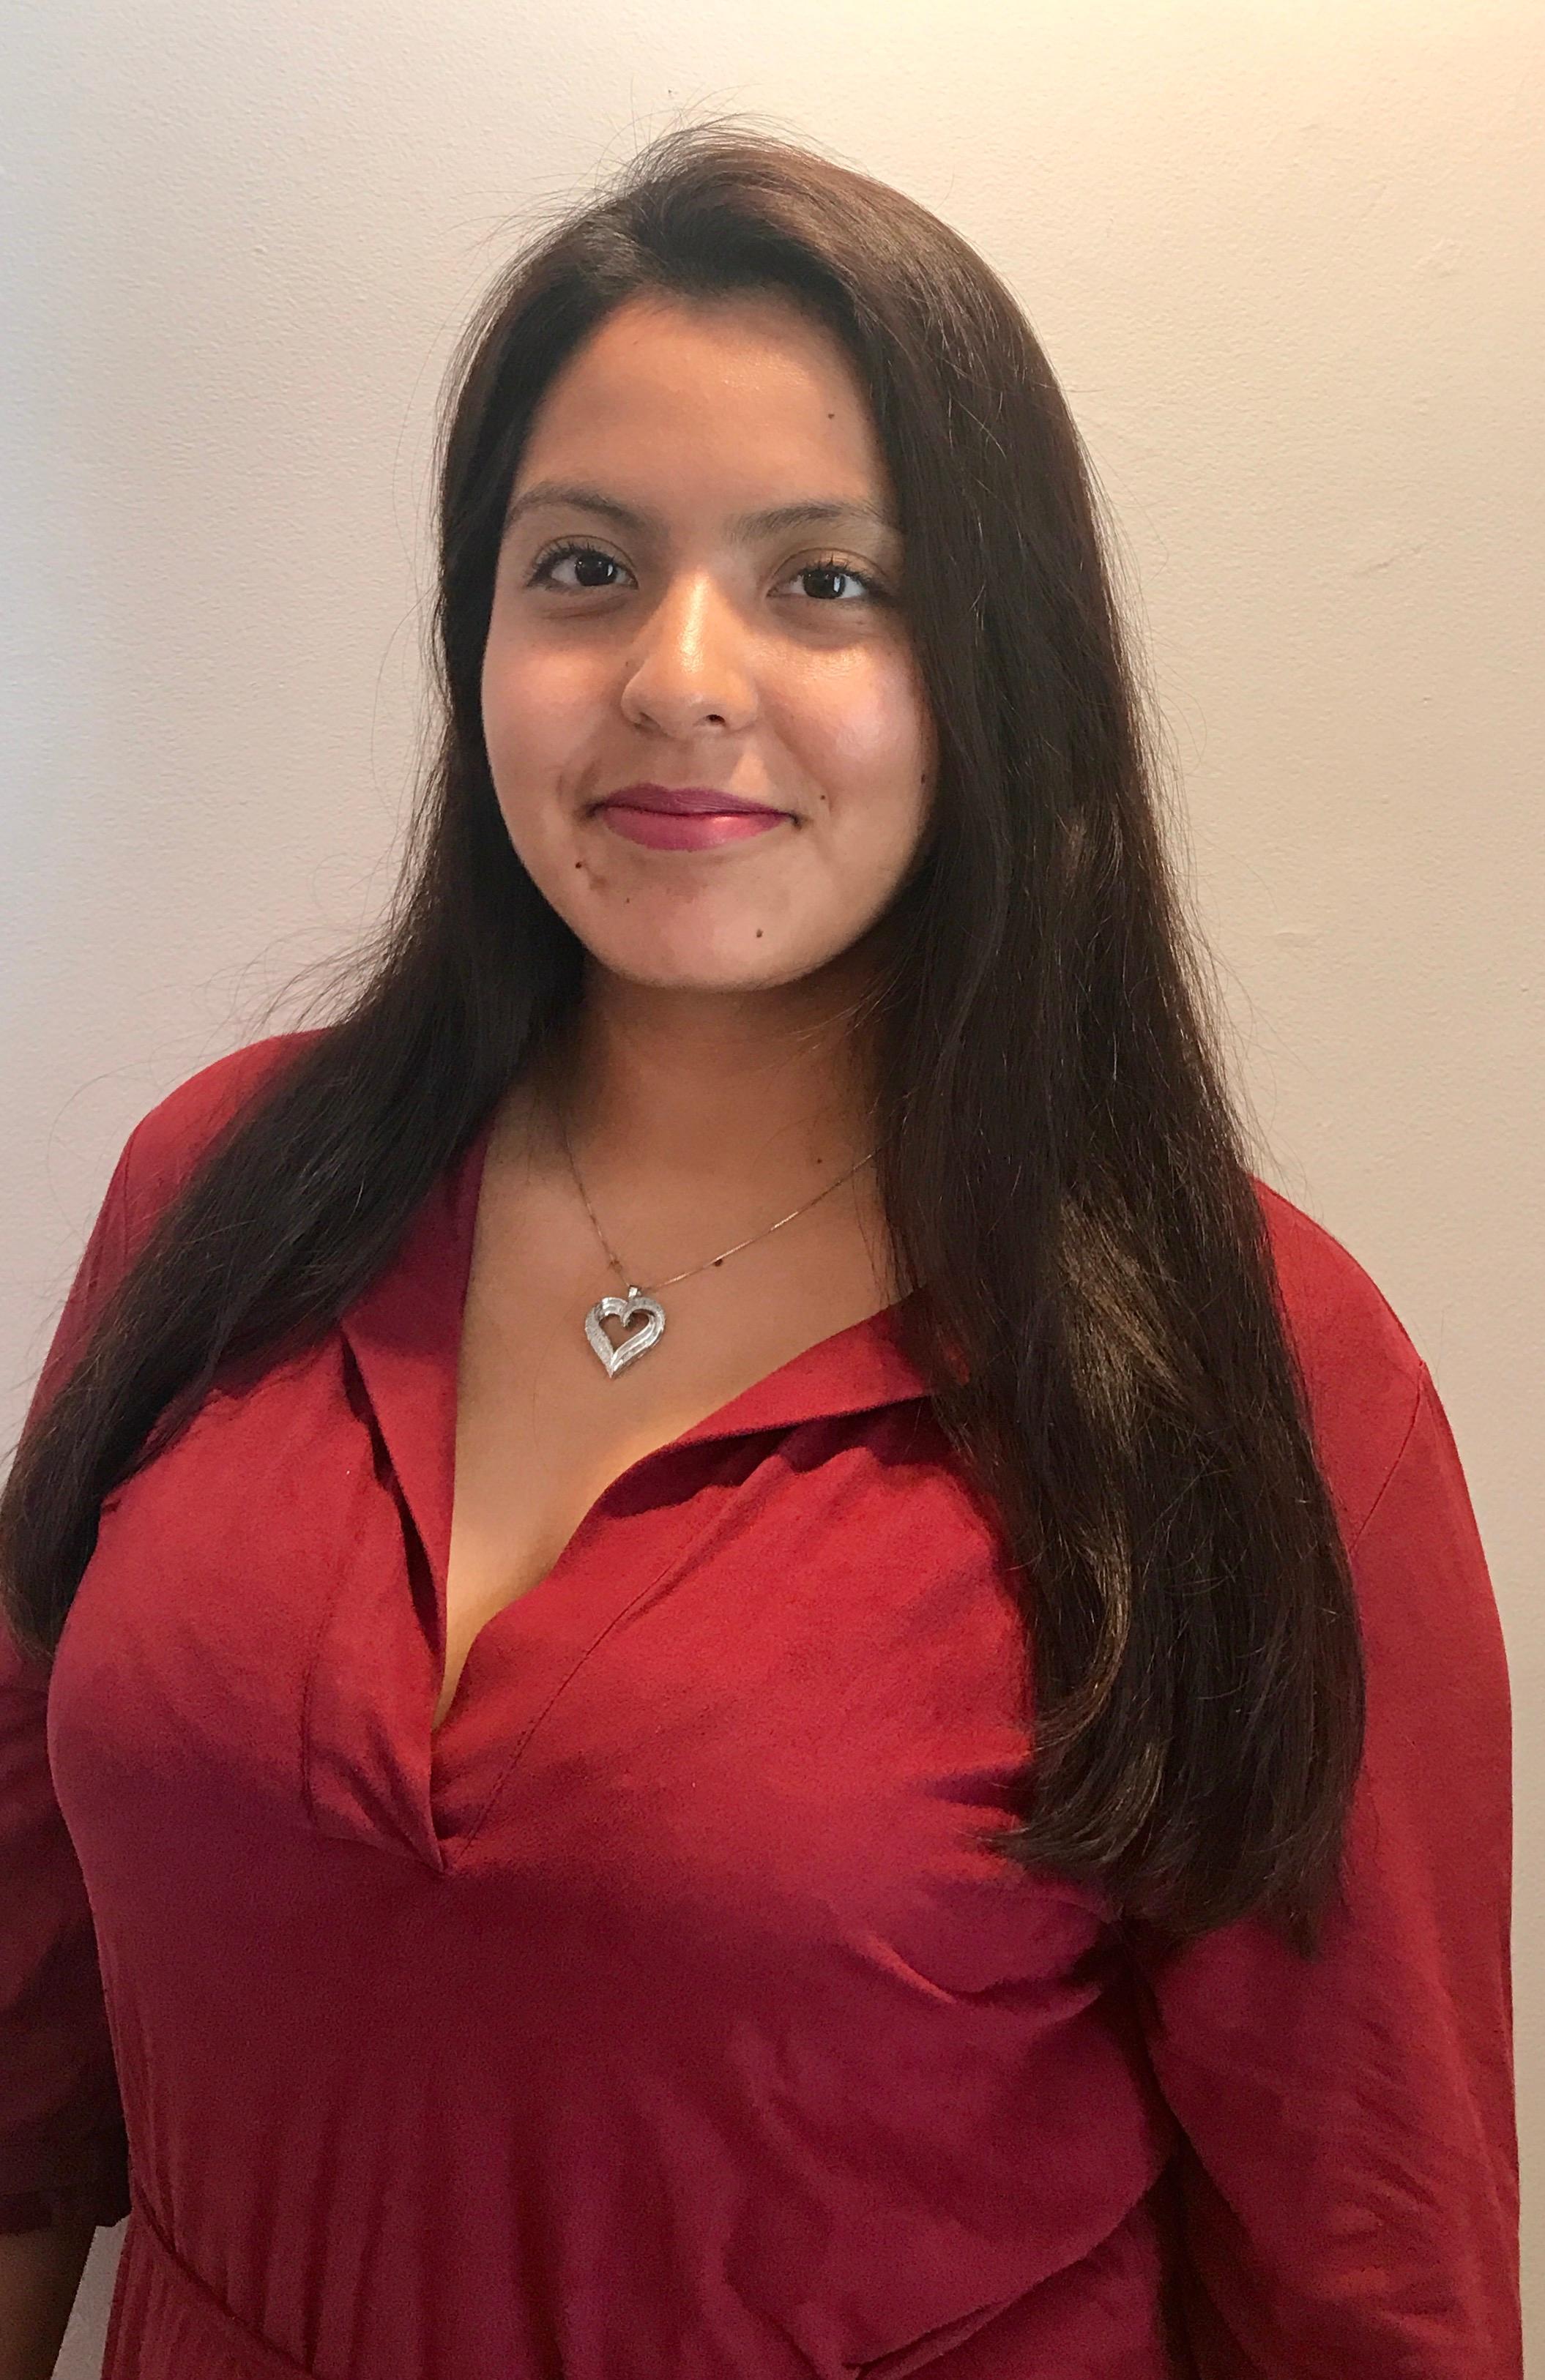 Erika Castaneda: Allstate Insurance image 66